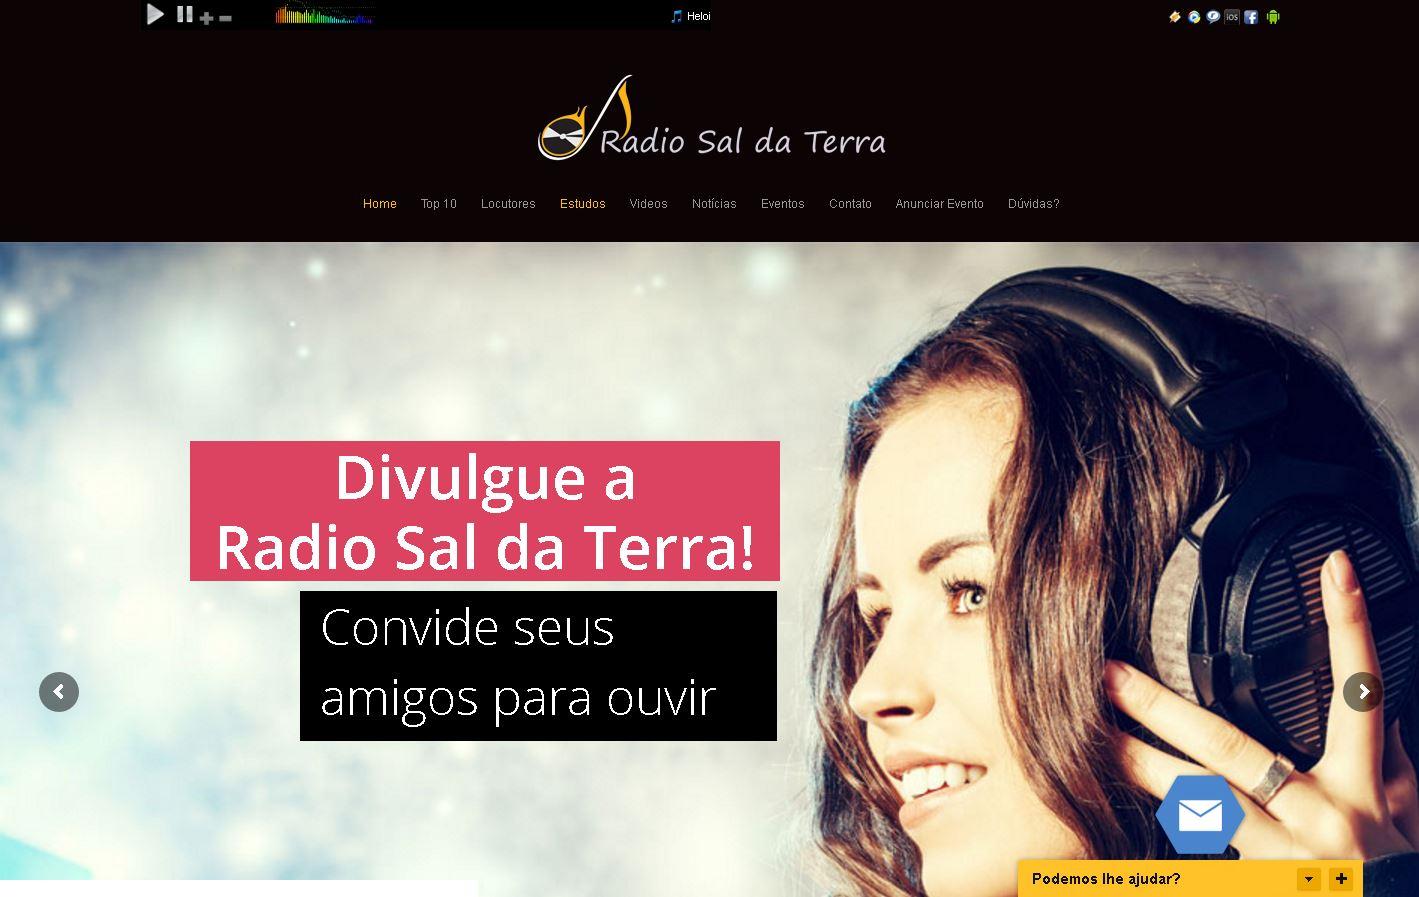 Radio Sal da Terra